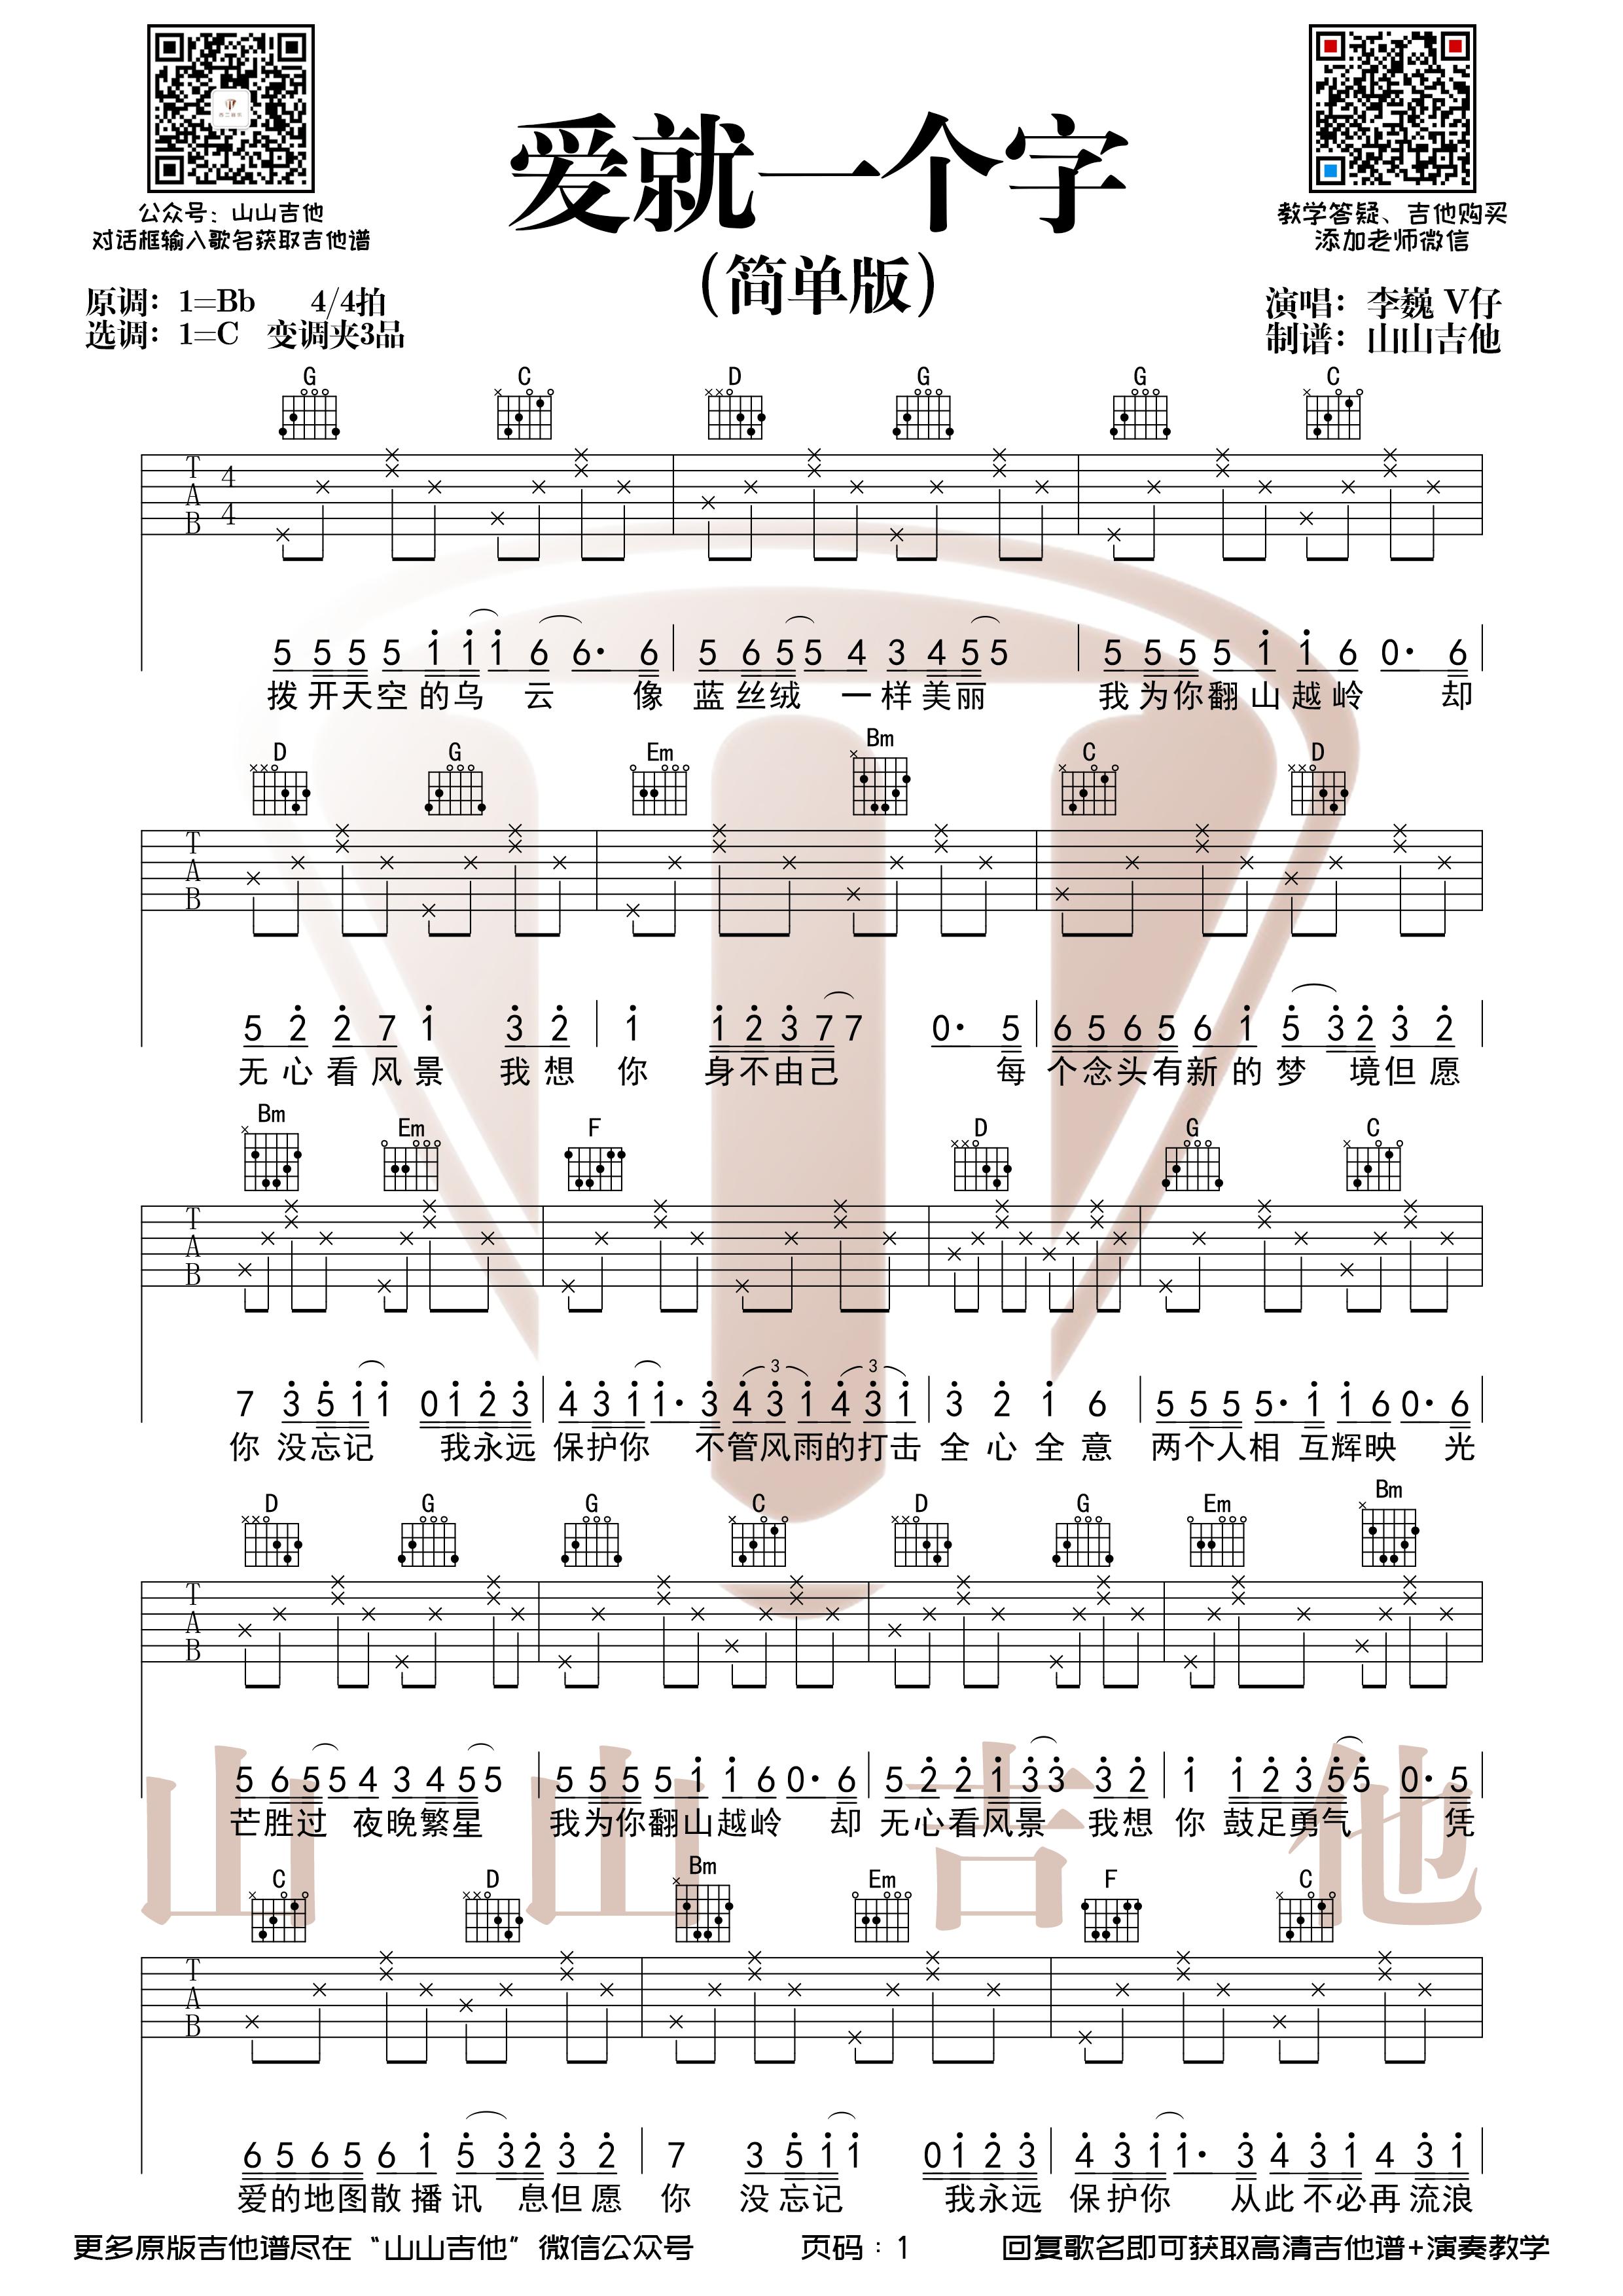 抖音李巍版本 - 爱就一个字(原版和弦编配 附简单版吉他谱)吉他谱(图片谱)_张信哲_1爱就一个字1简单版.png